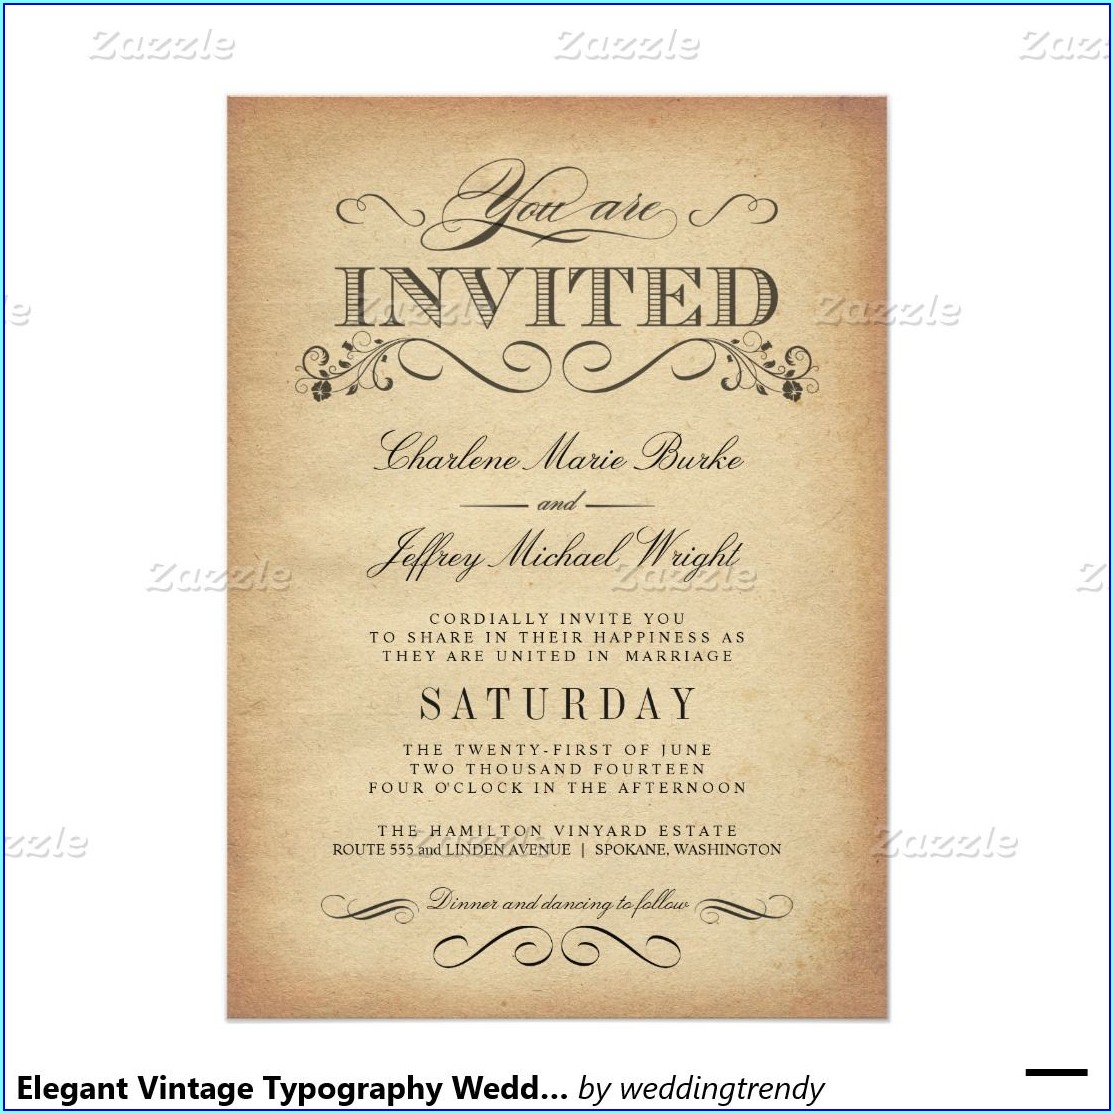 Elegant Vintage Style Wedding Invitations